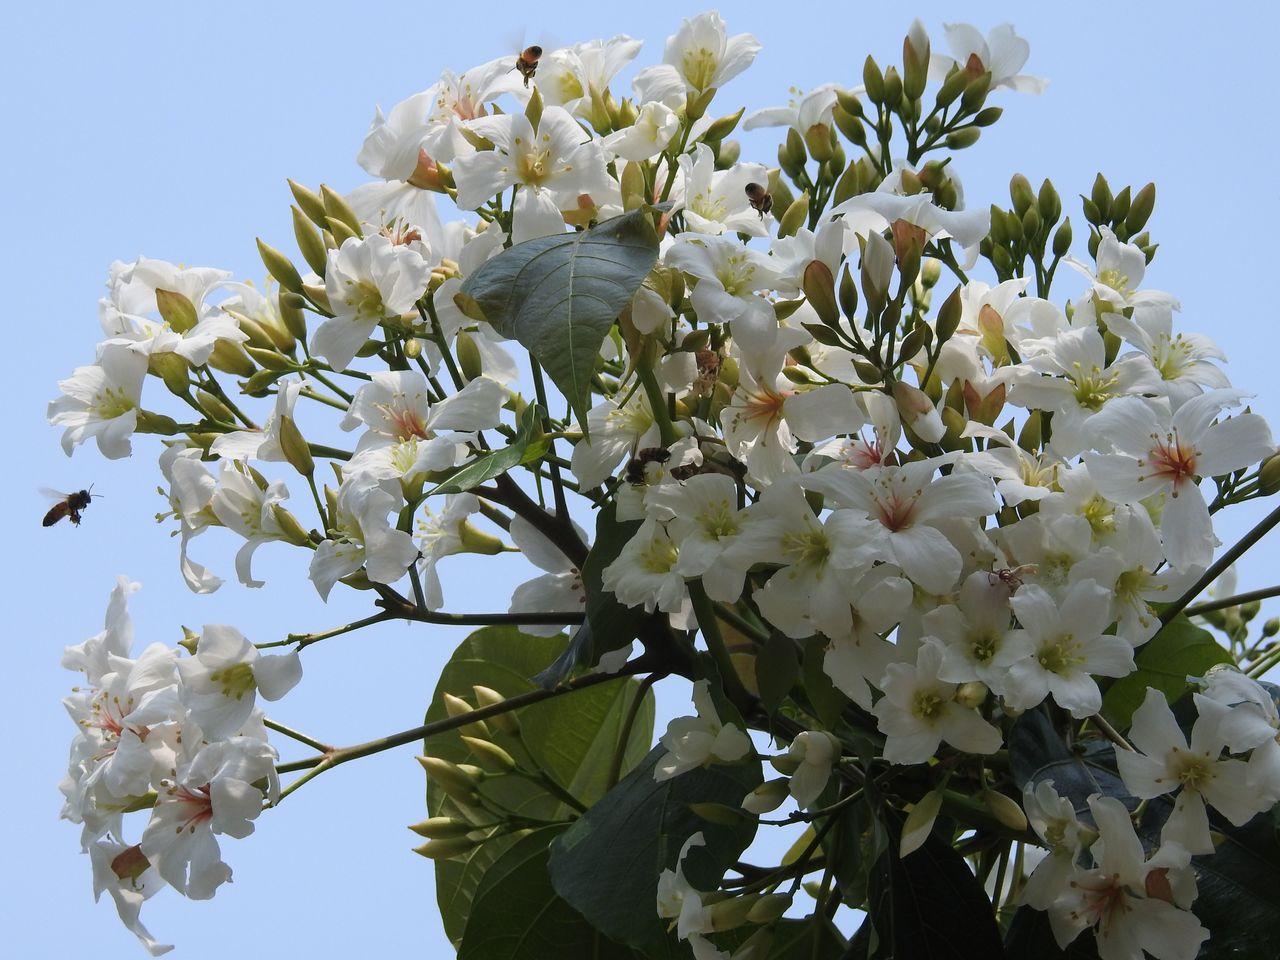 每年4、5月是油桐花盛放期,今年因暖冬且上周一波及時雨,南投縣整體花況可望較往年...